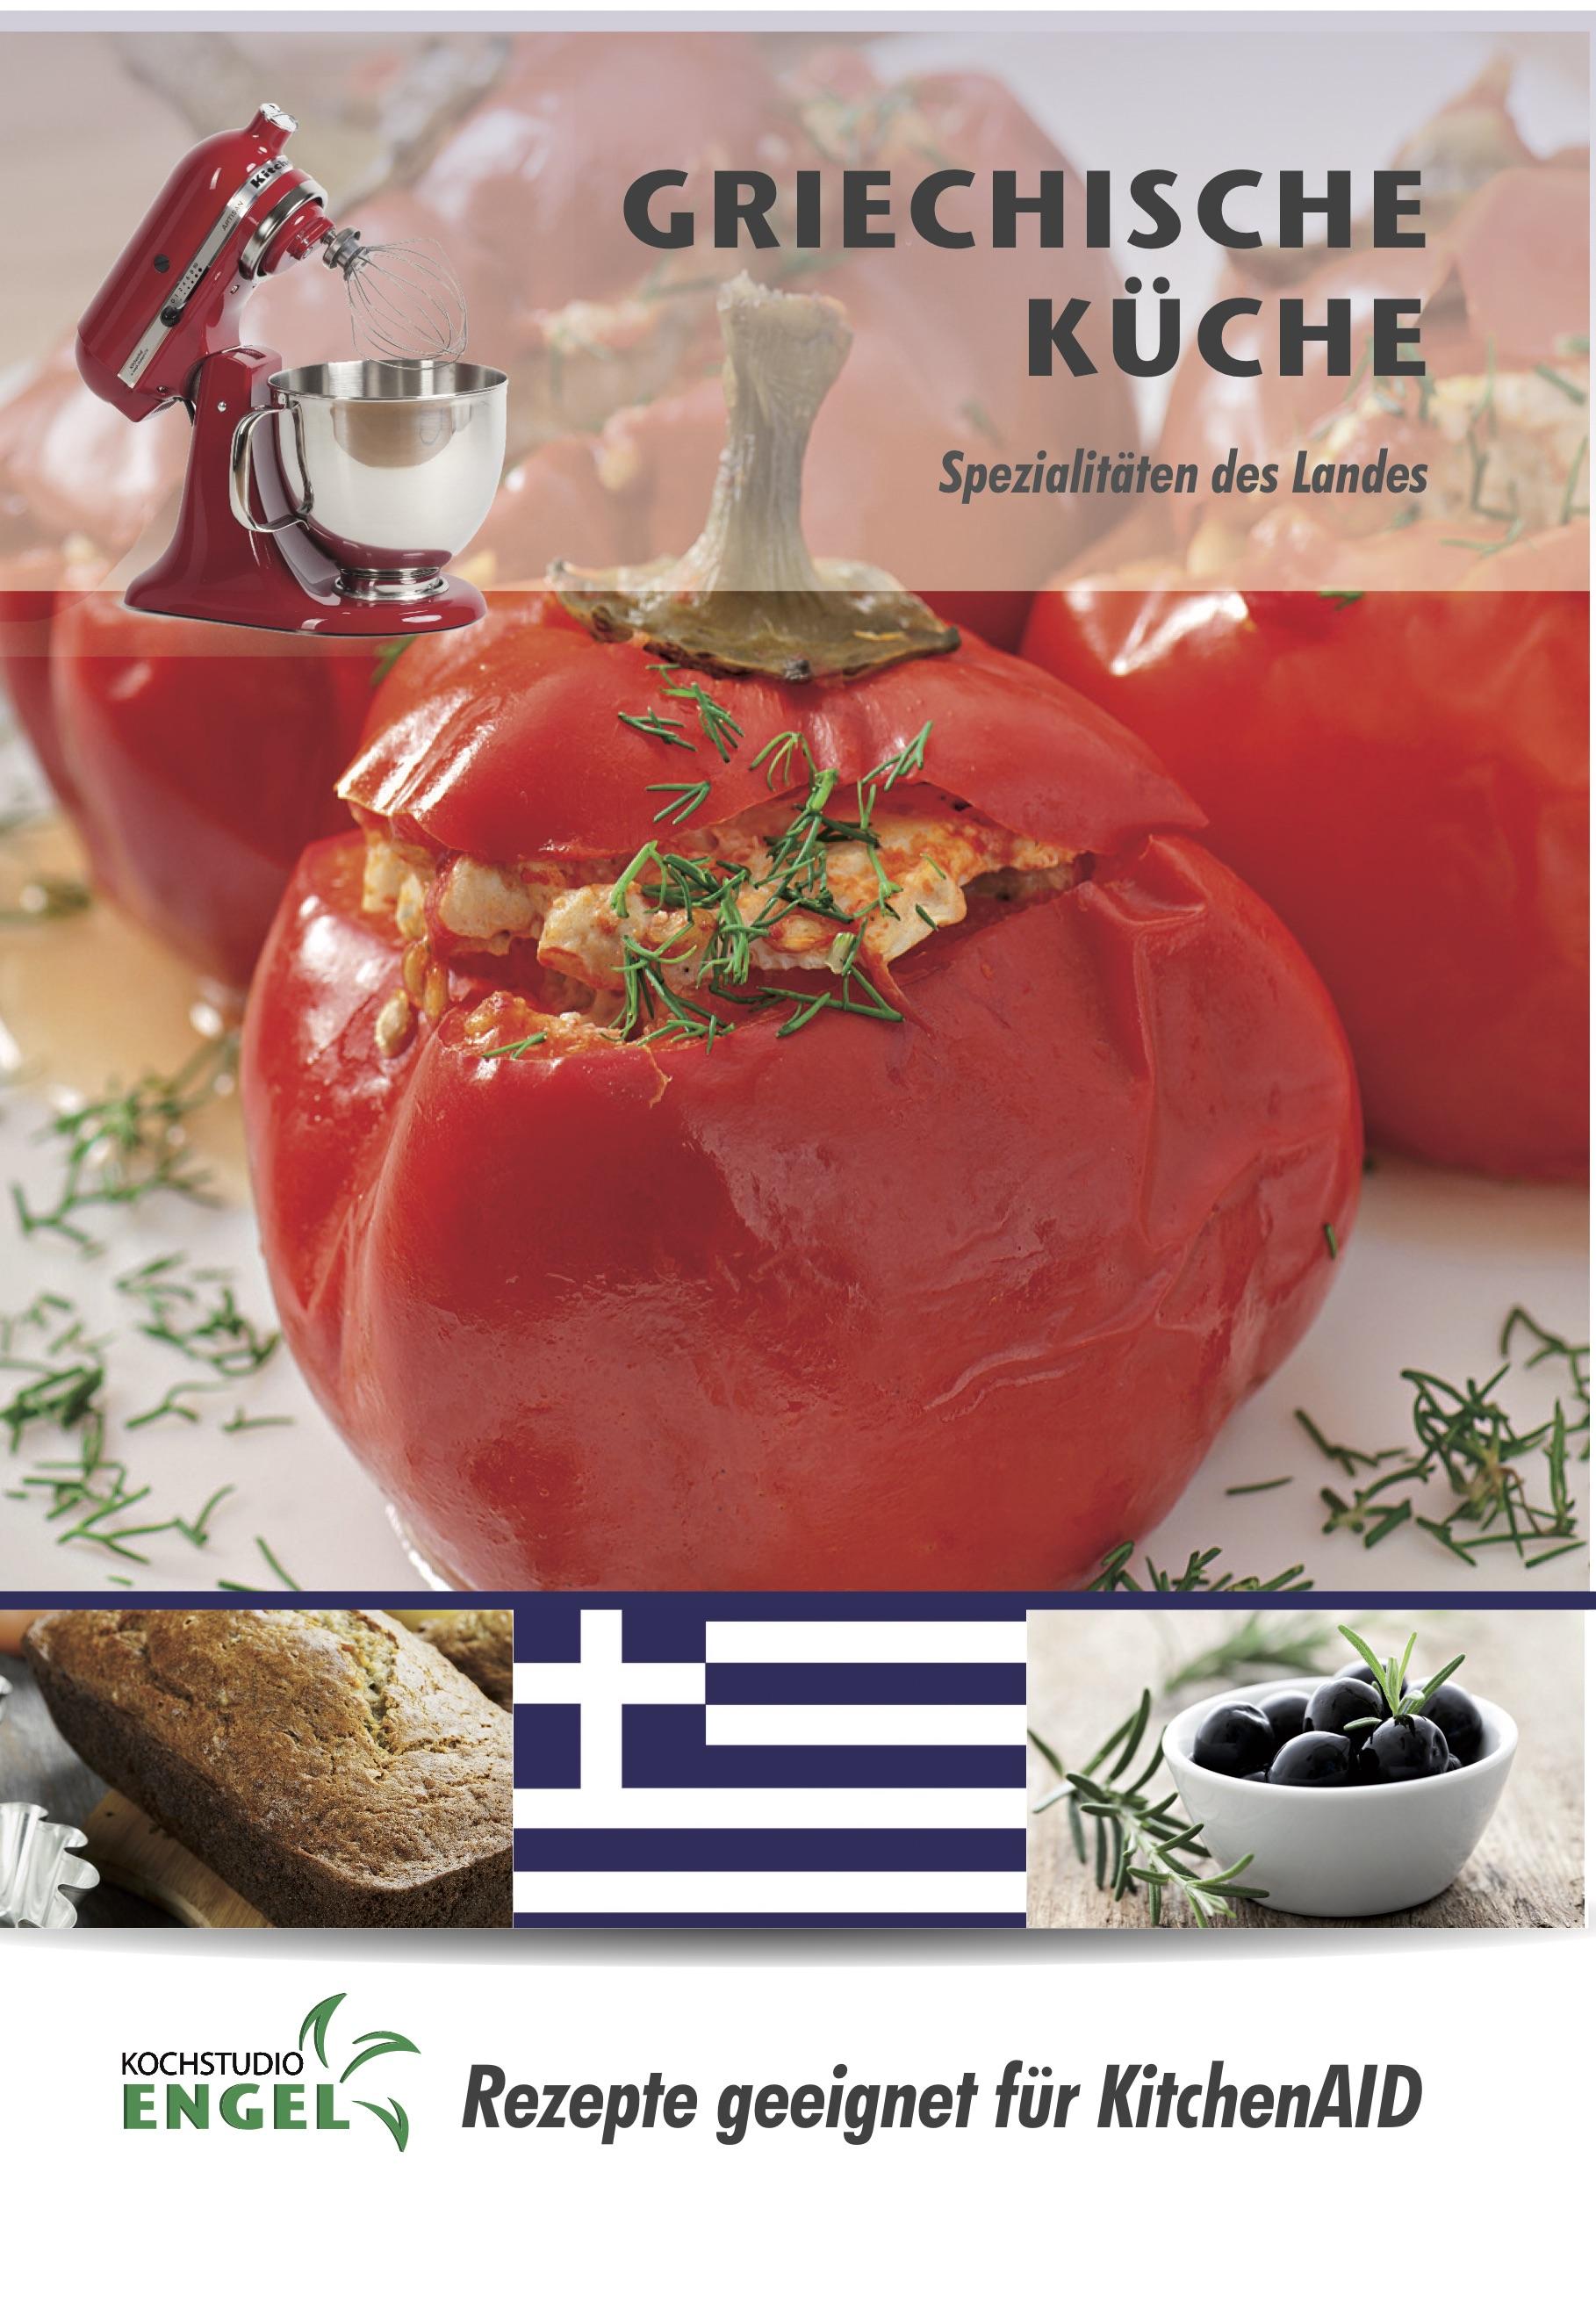 Griechische Küche – Rezepte geeignet für KitchenAid von Kochstudio